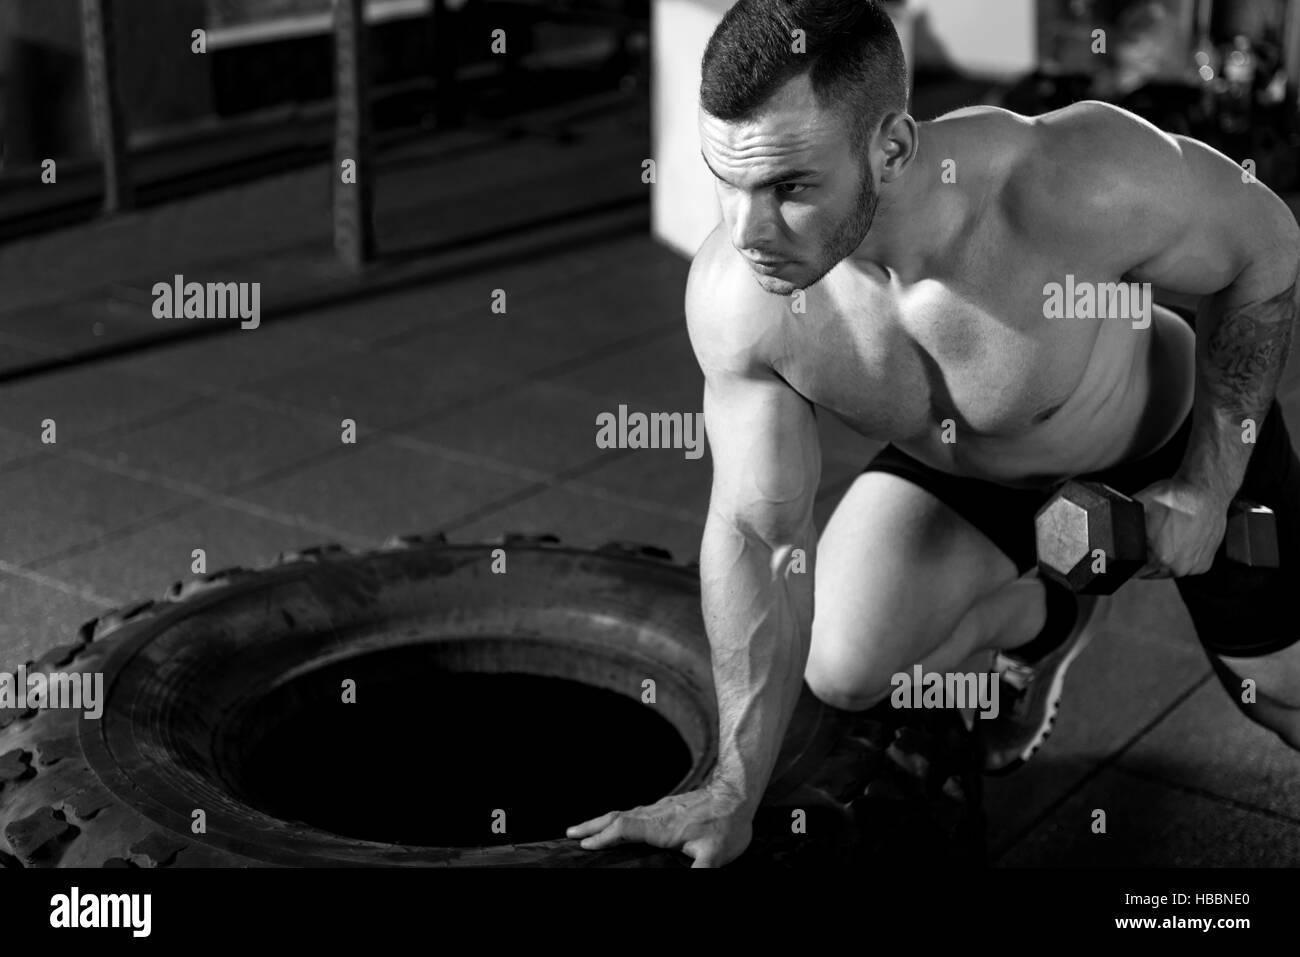 Homme musclé athlétique d'entraînement d'haltérophilie ayant Photo Stock